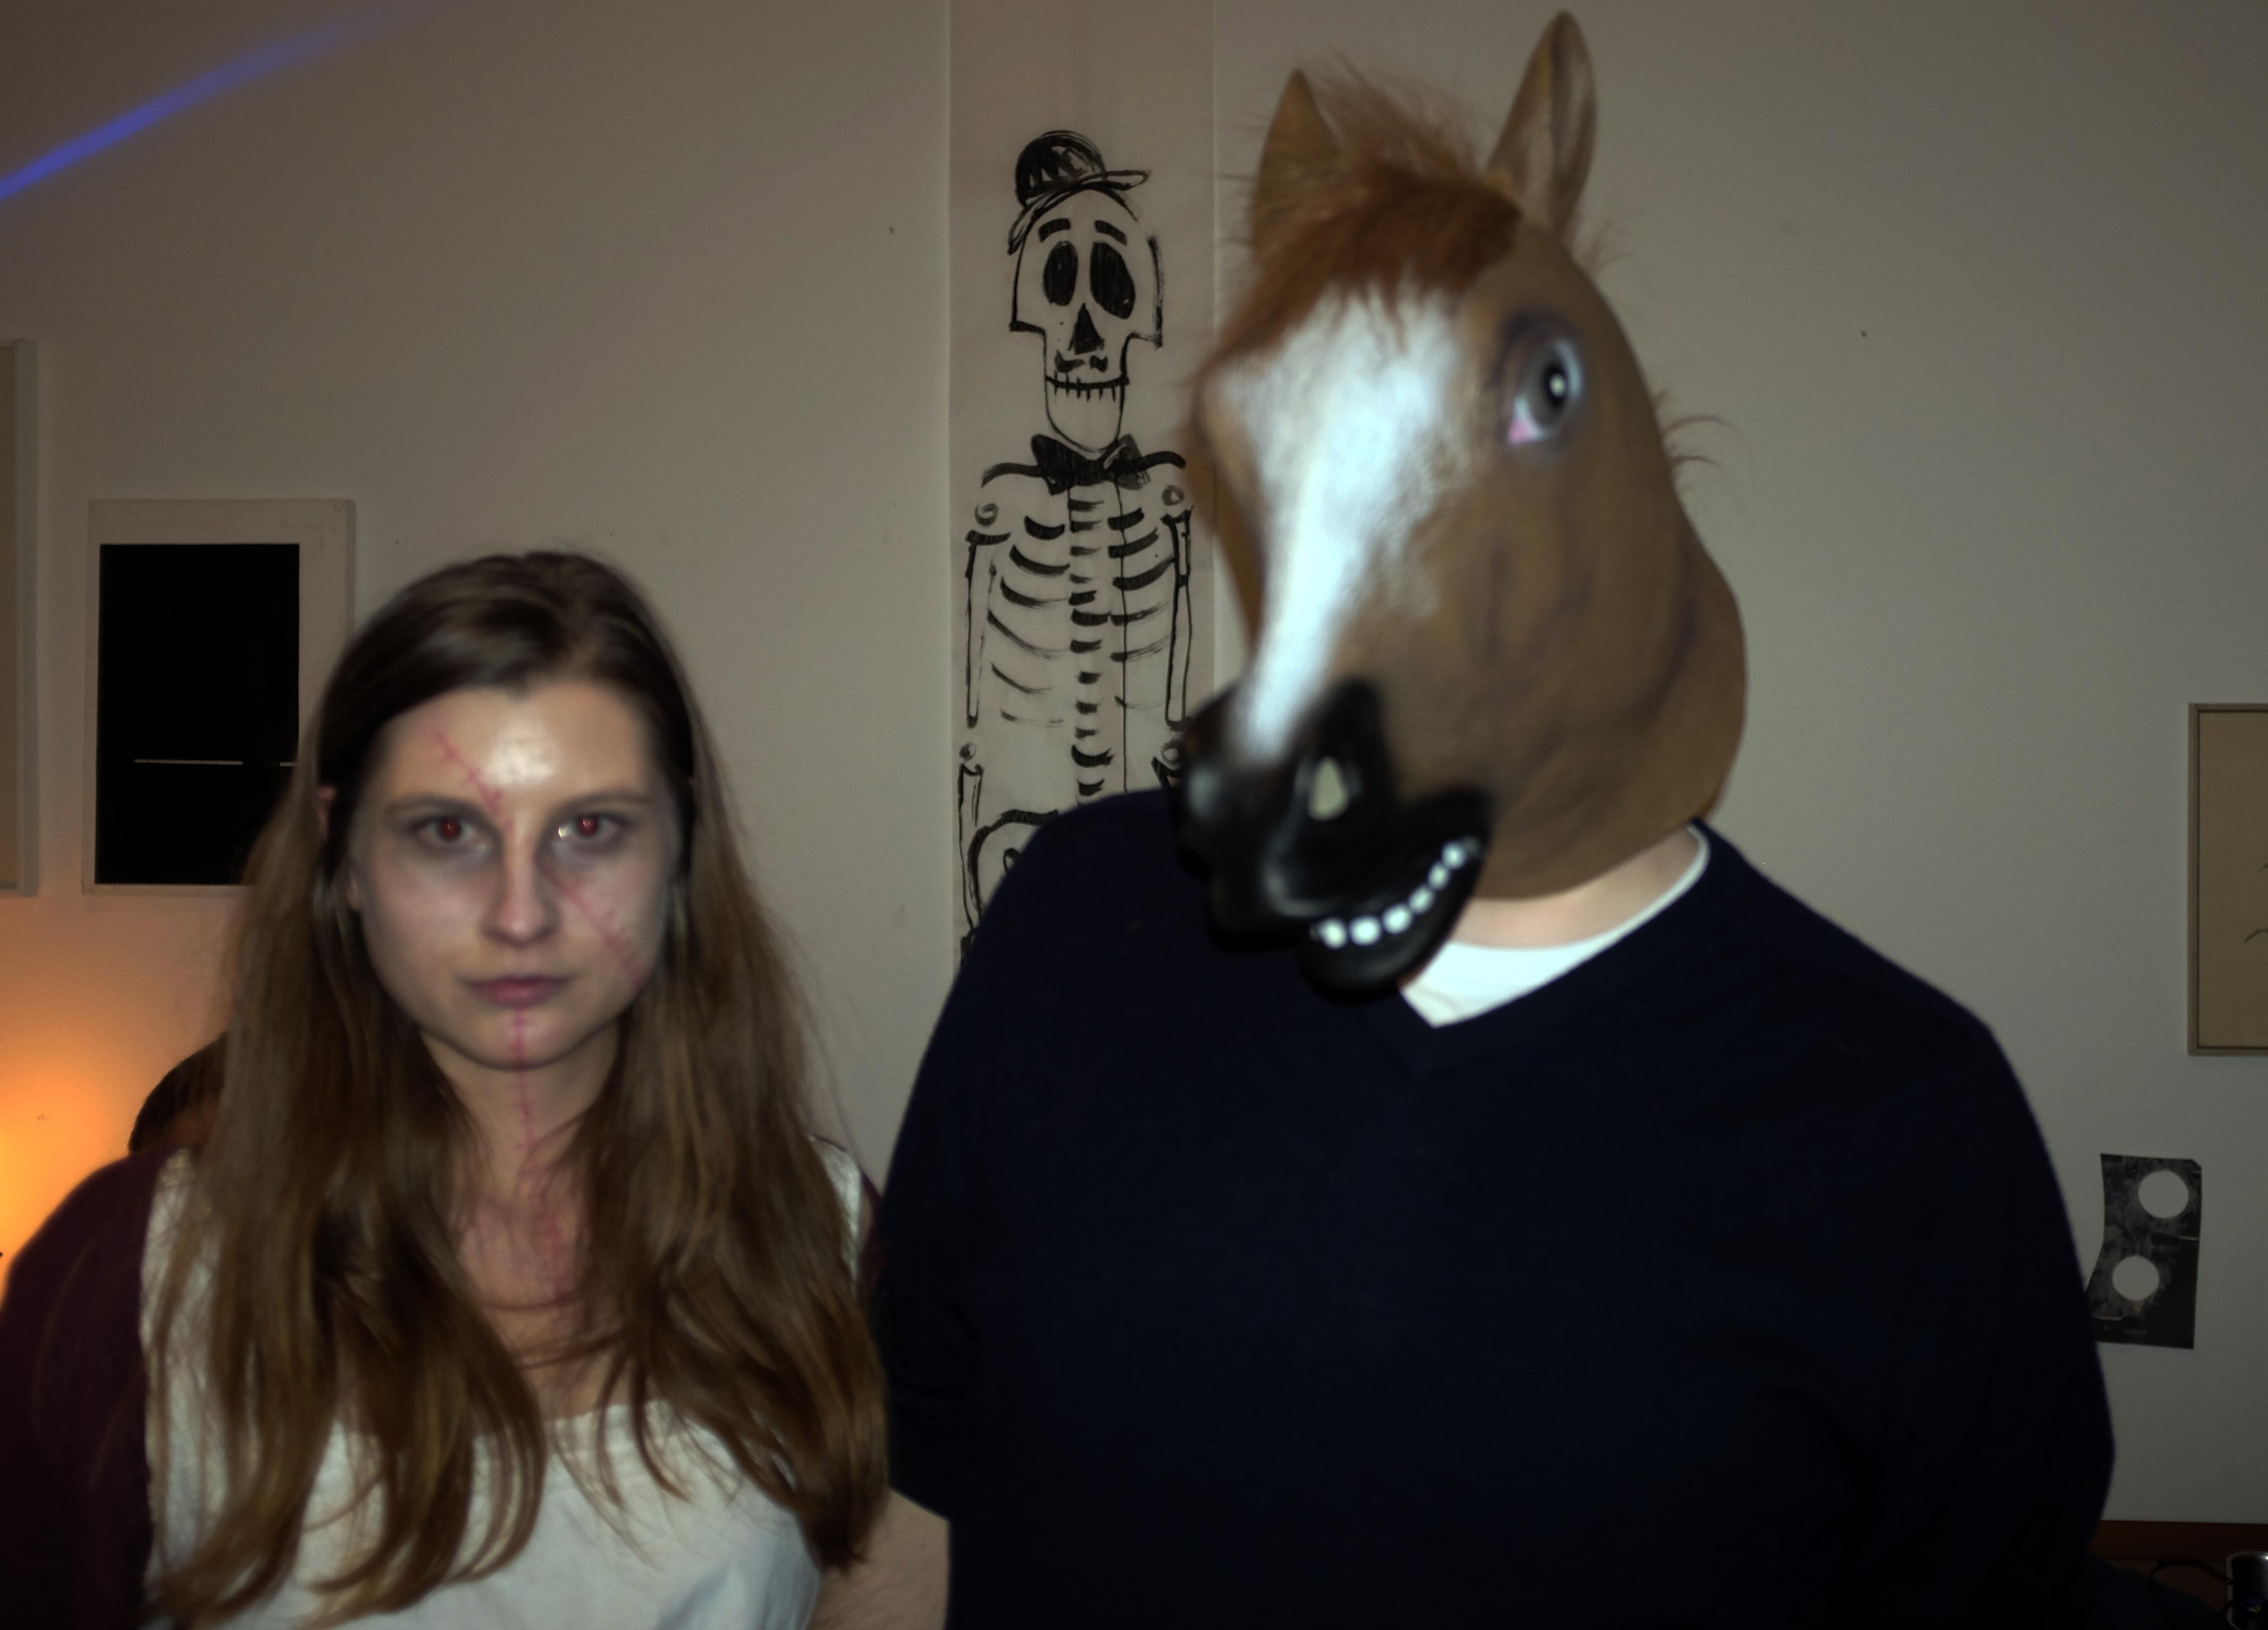 fishwithwhiskey bojack horseman goul